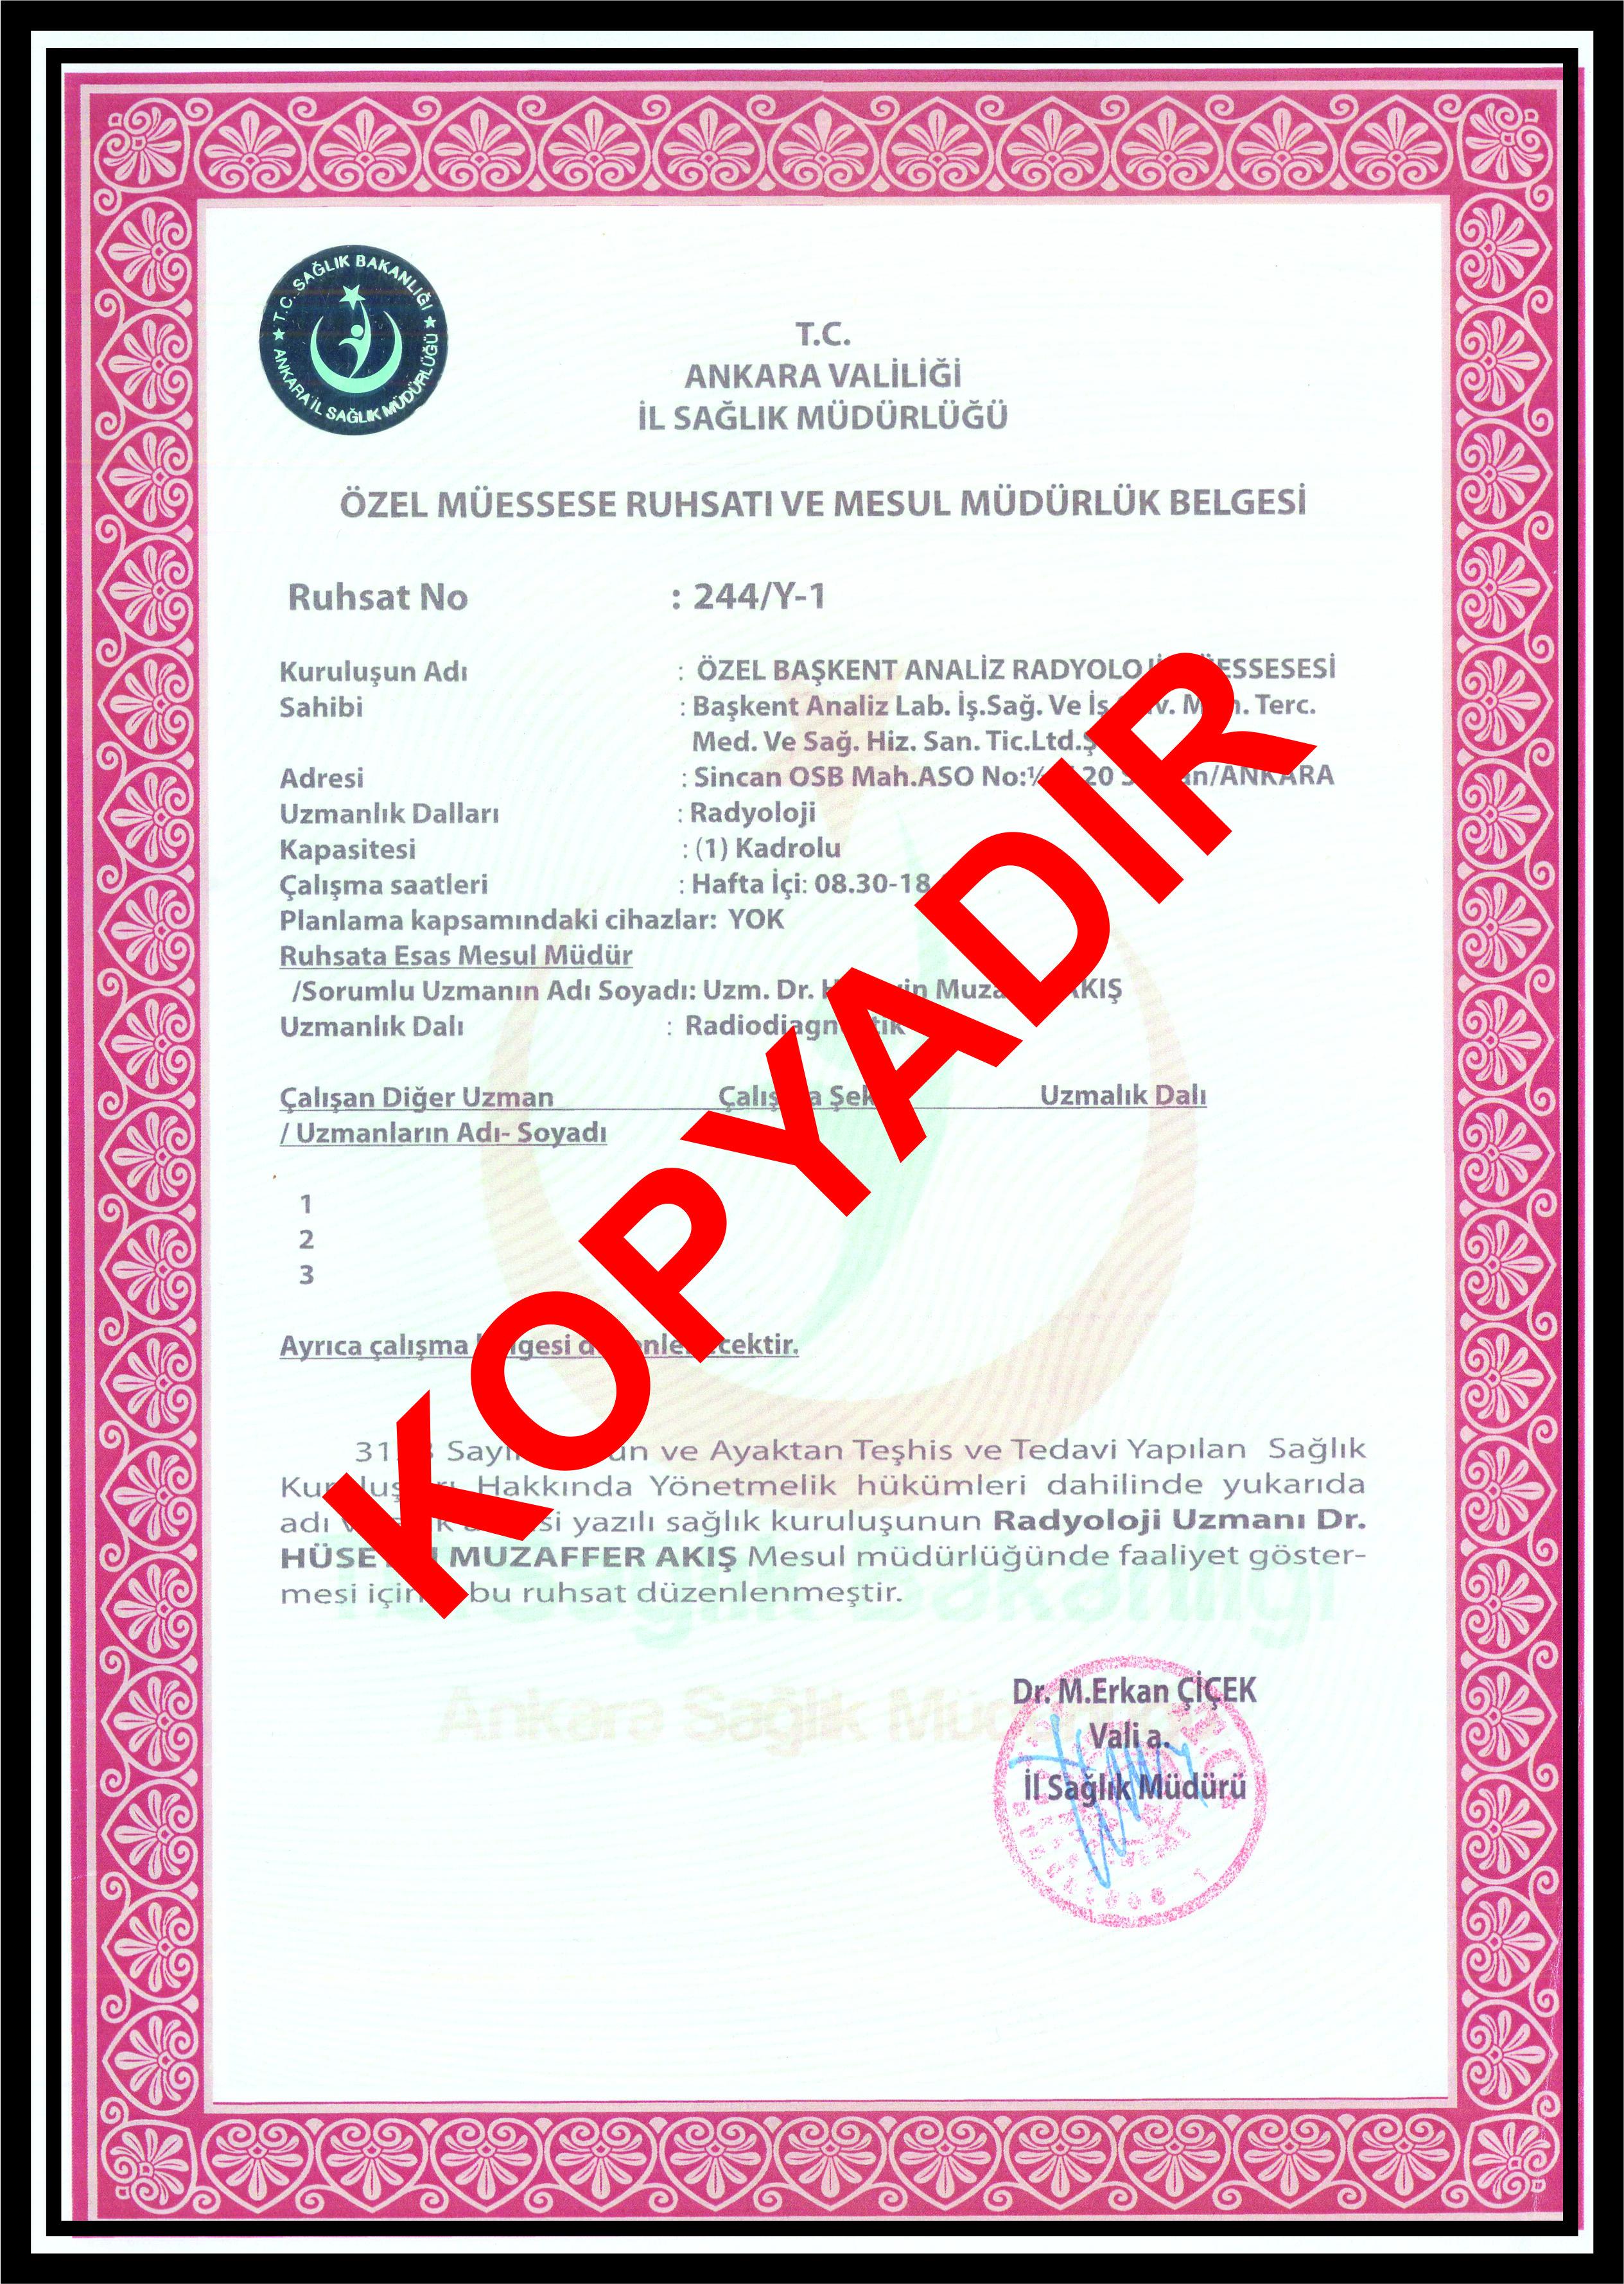 Sağlık Bakanlığı Radyoloji Ruhsatı